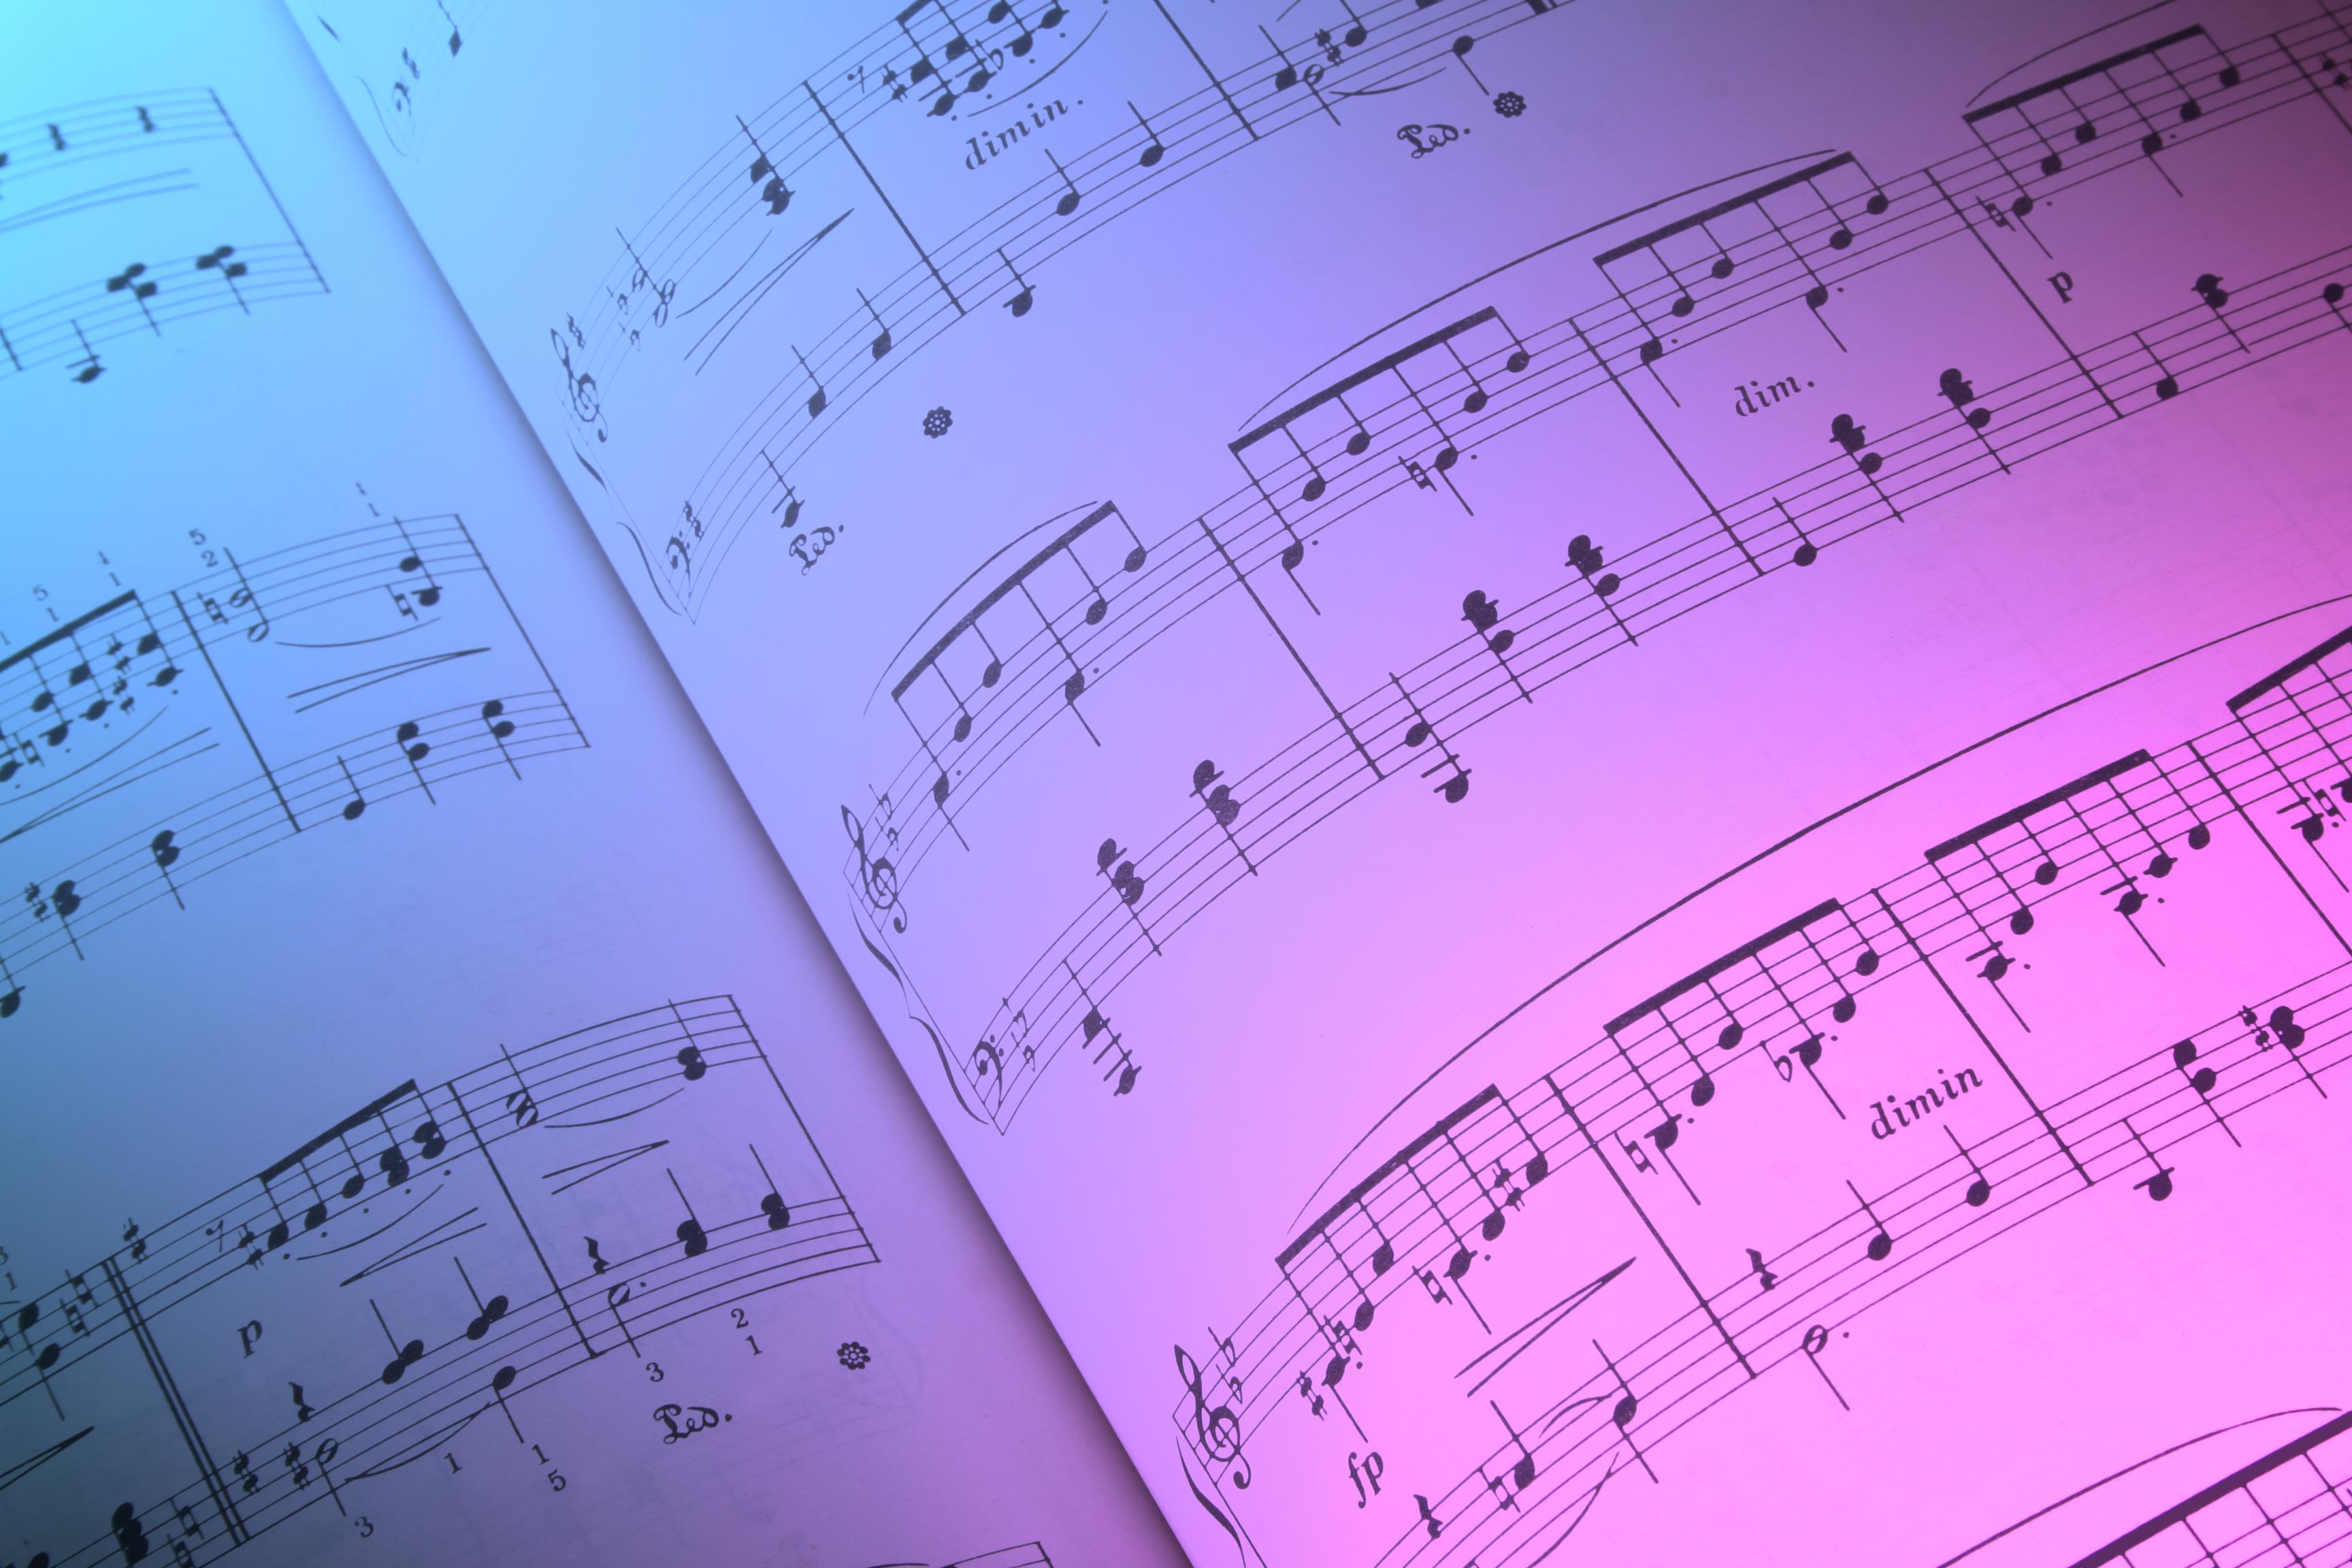 японский мелодия для презентации картинки навесы способны